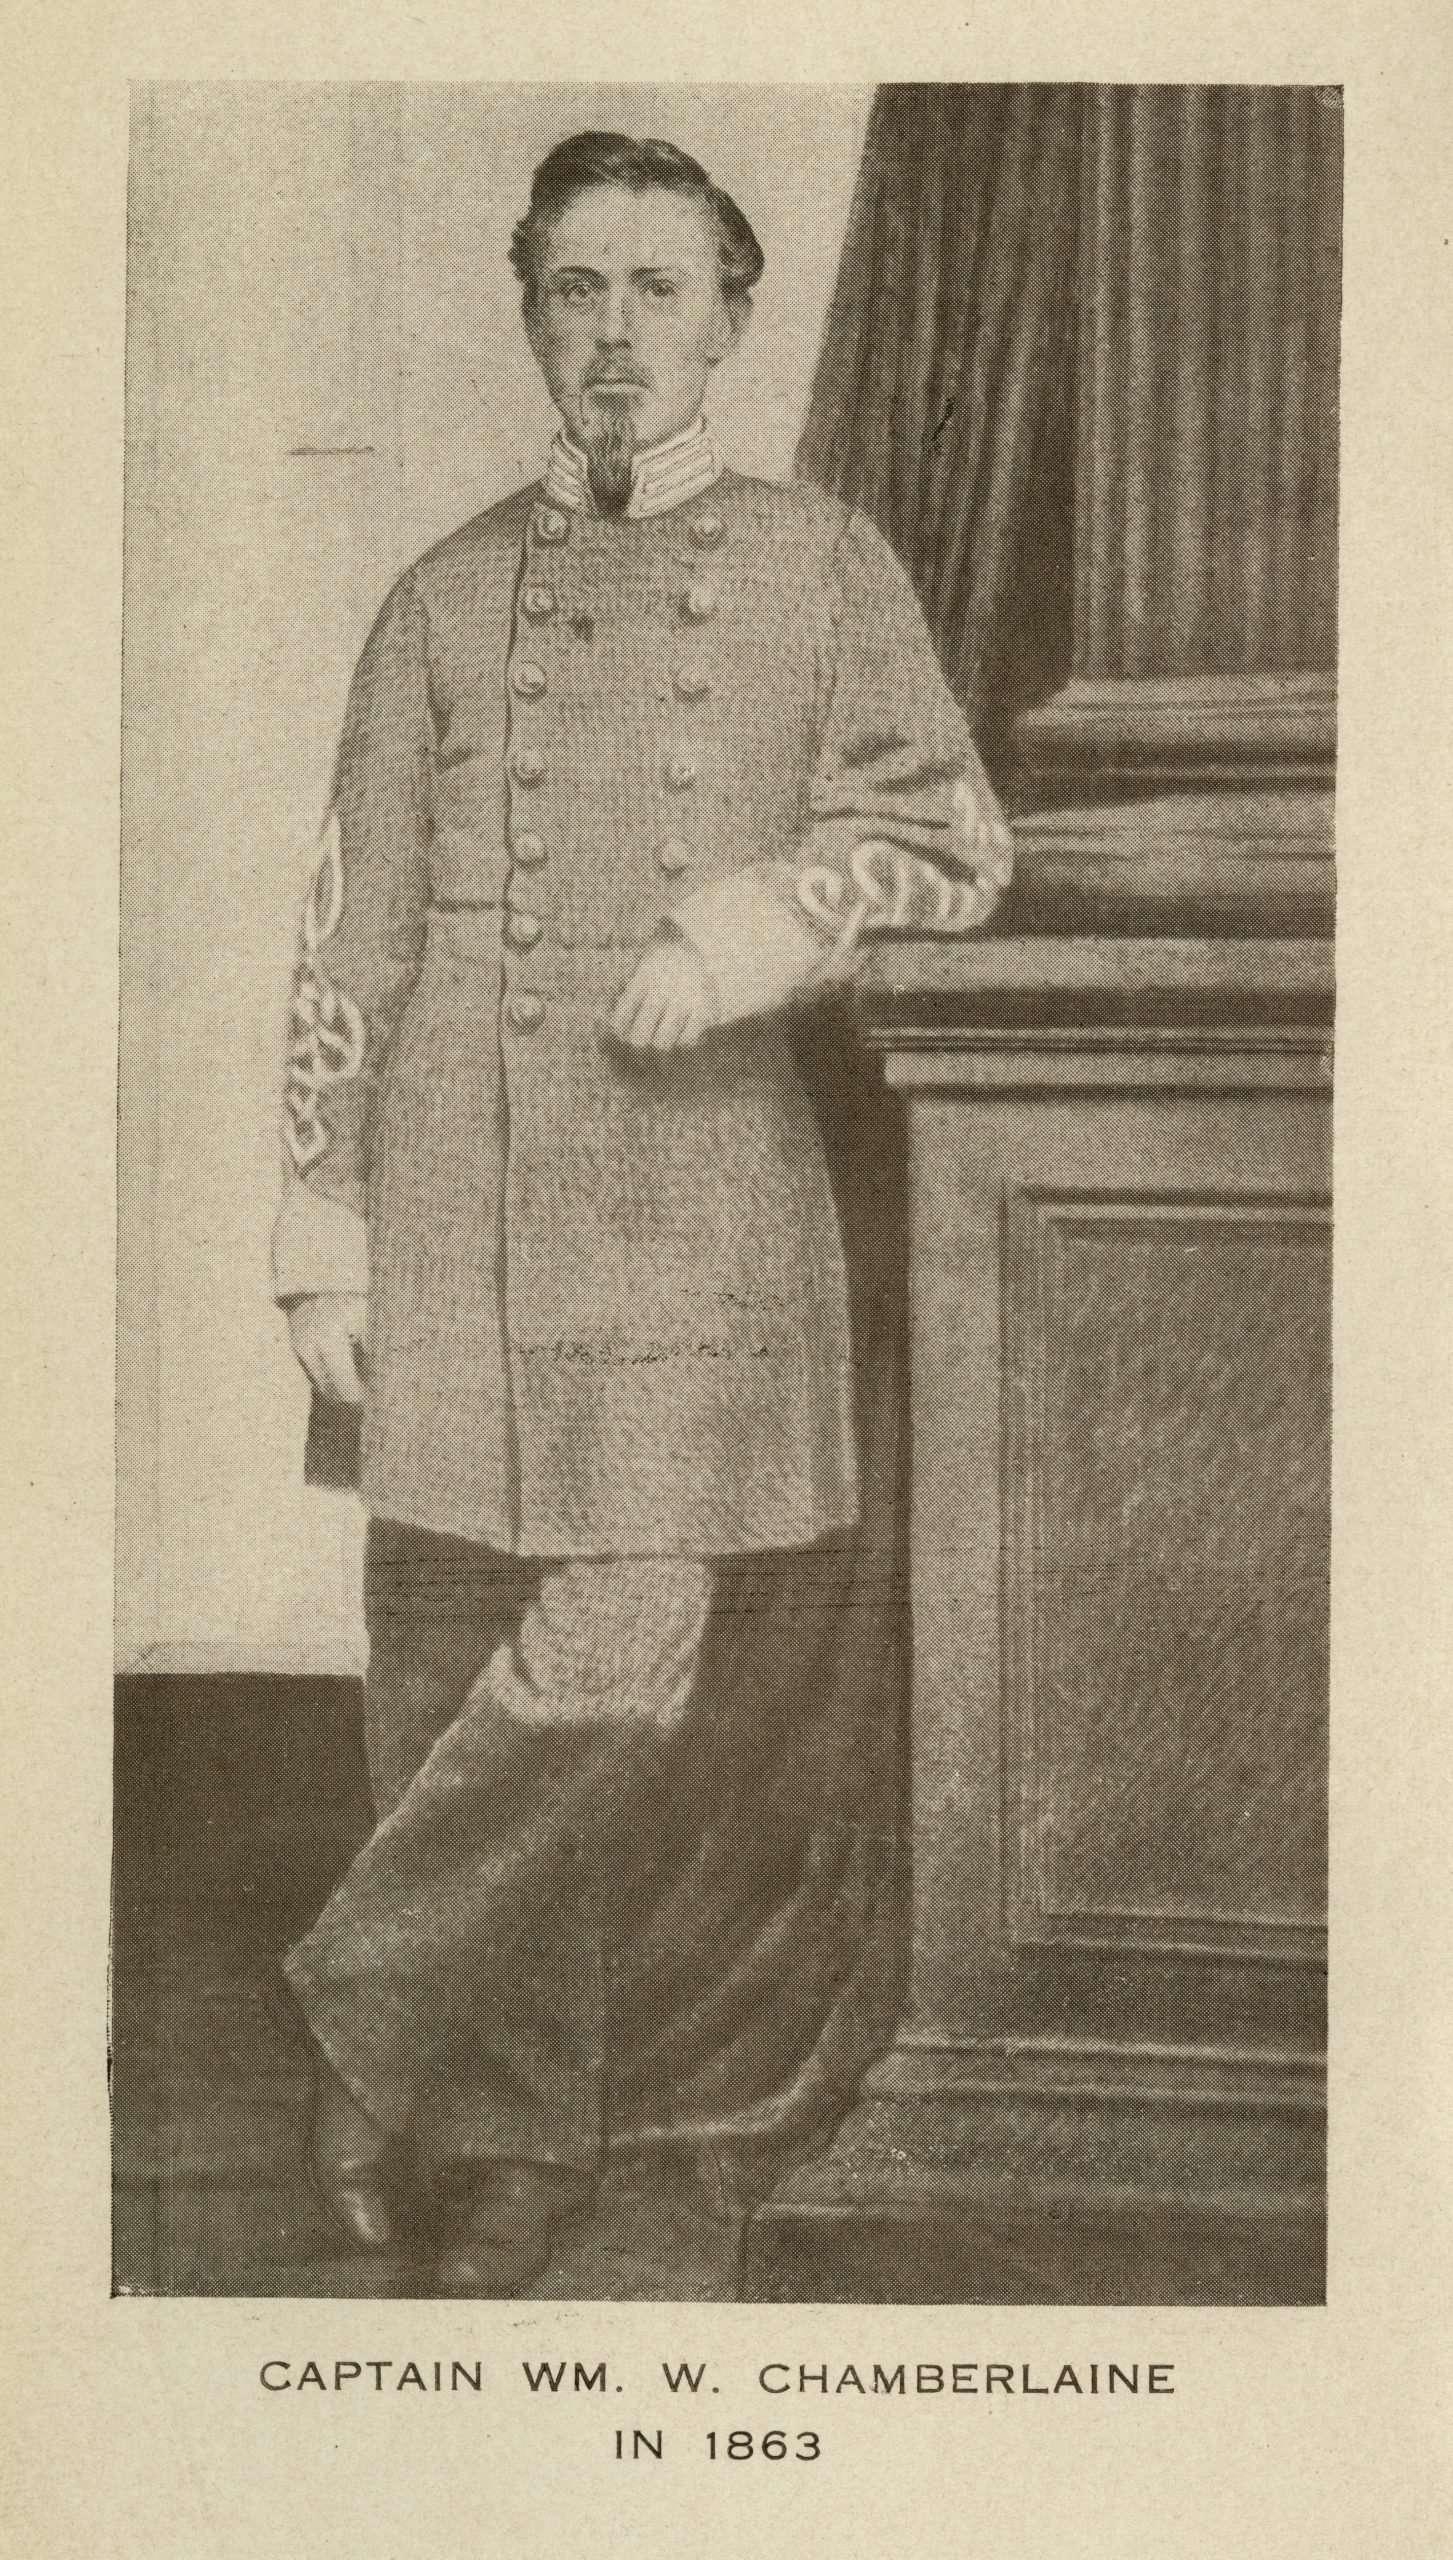 William W. Chamberlaine